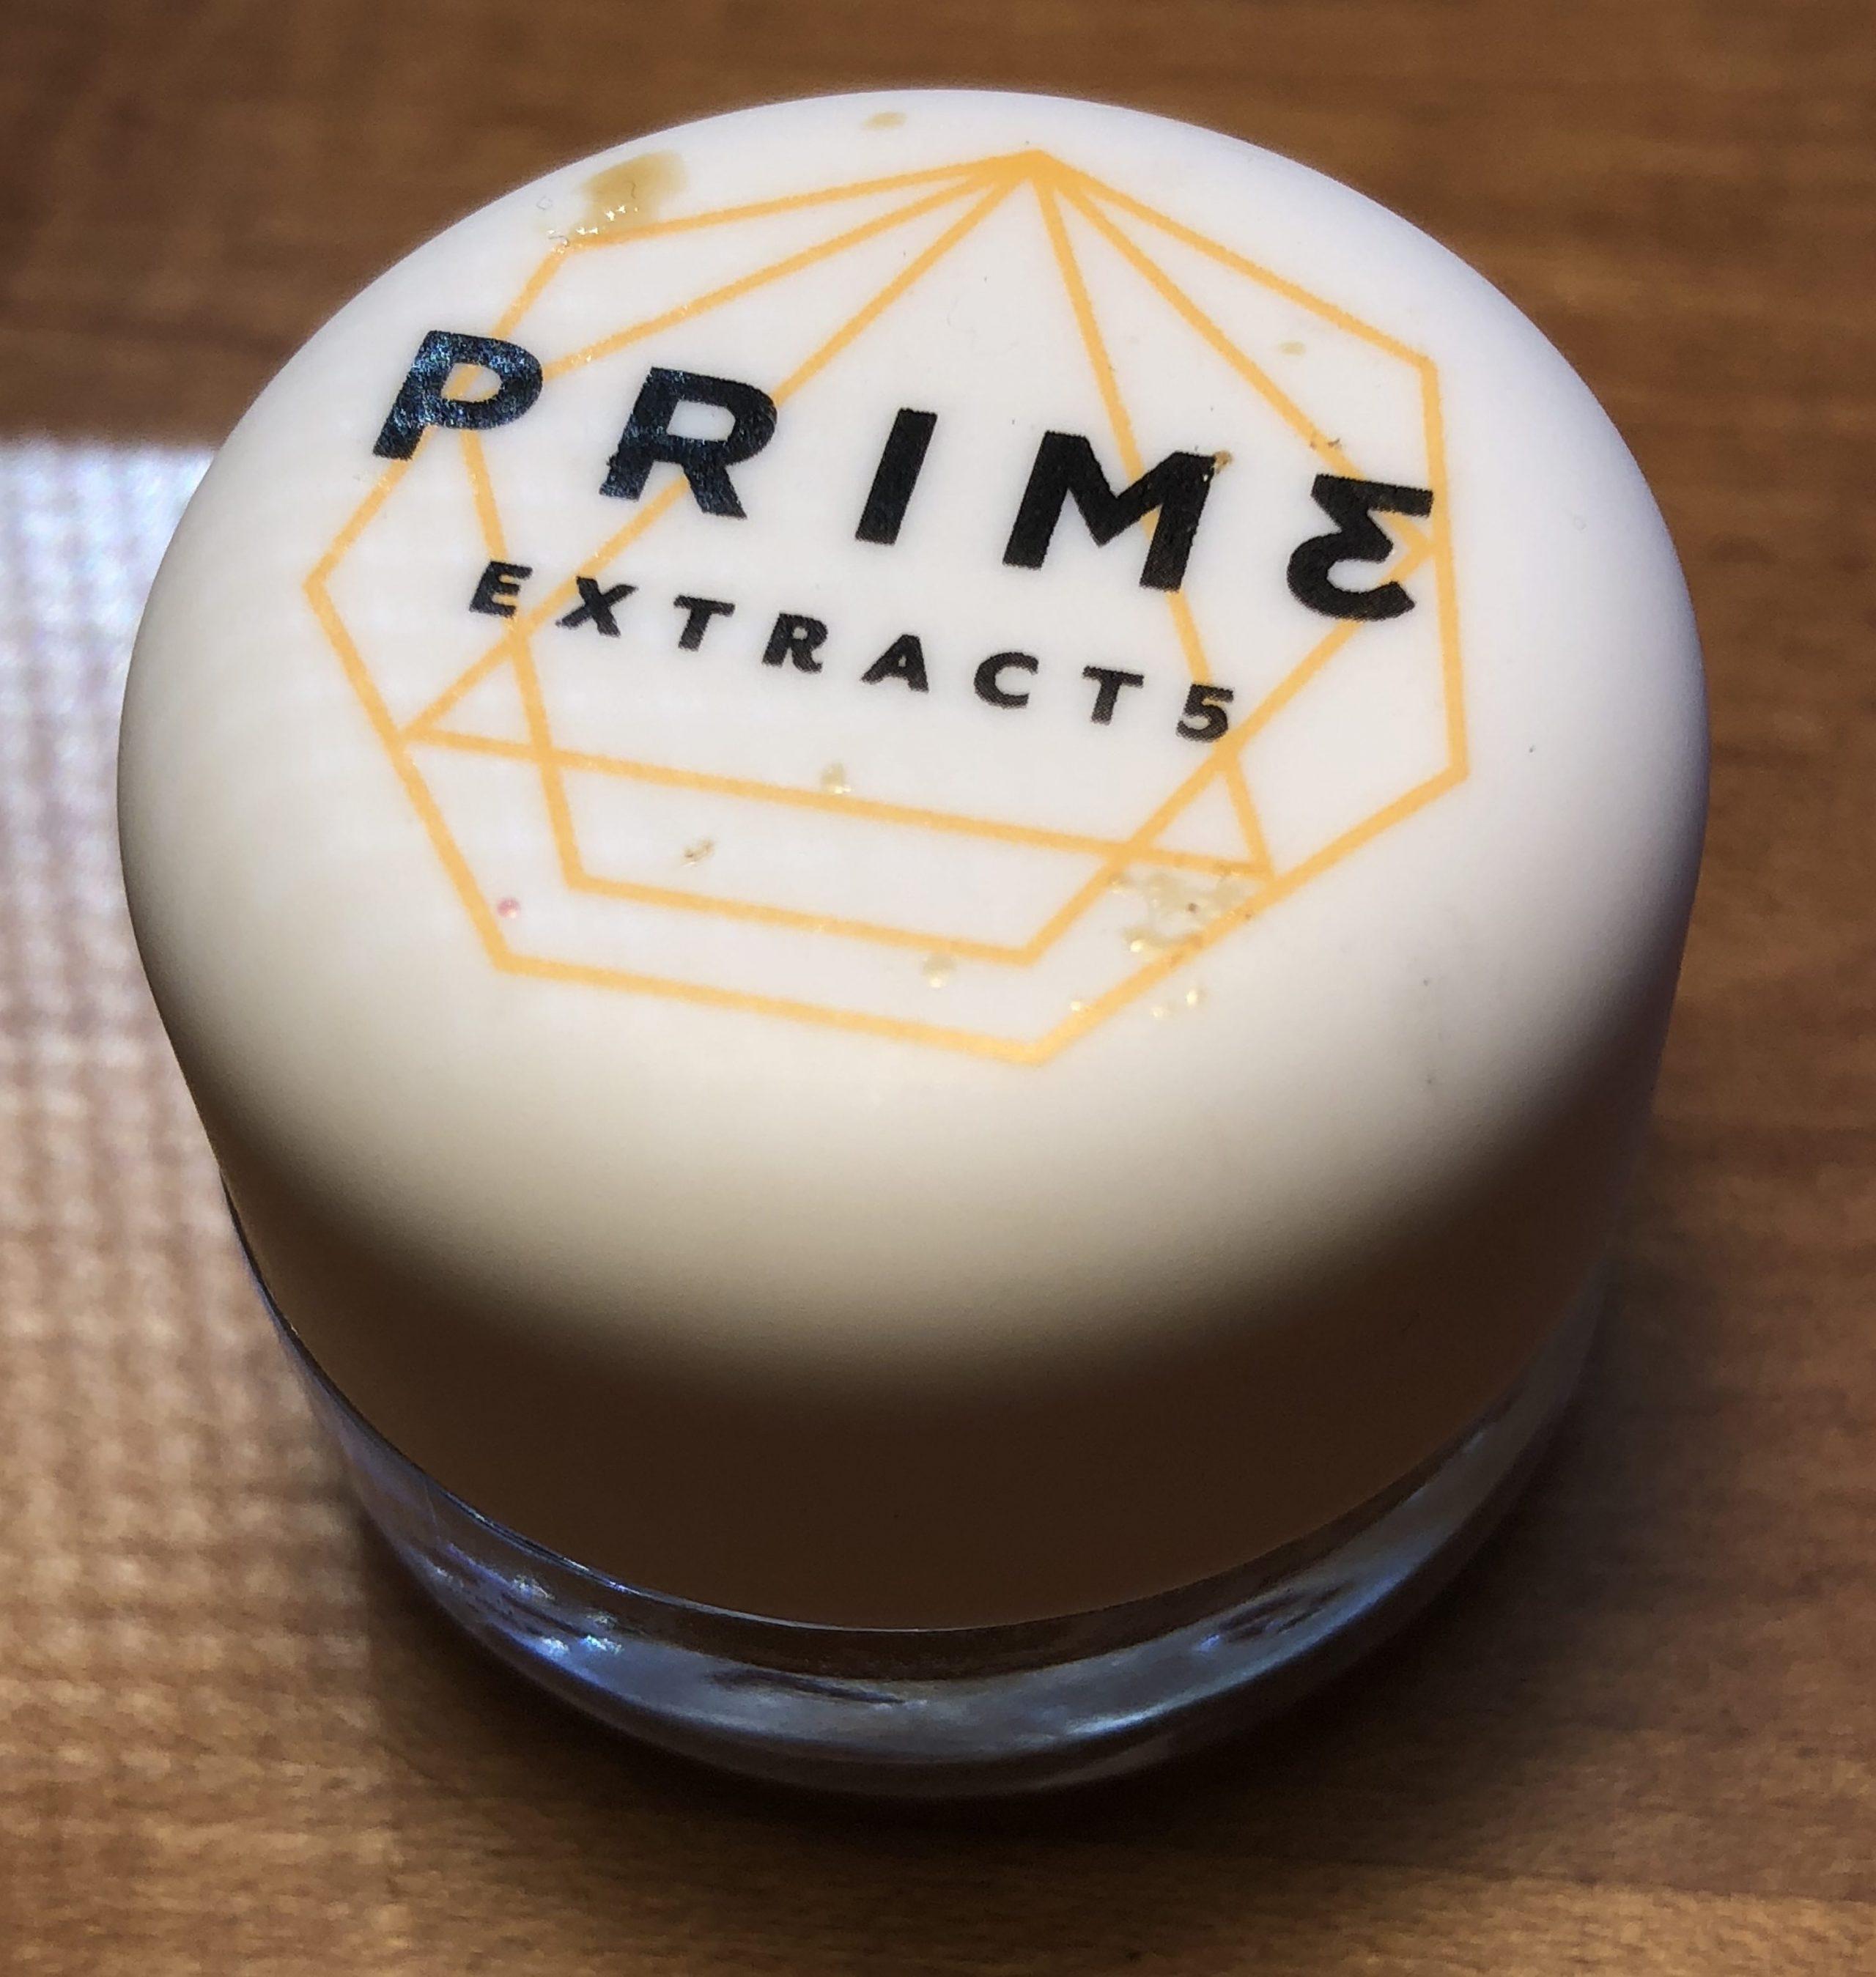 Cherry Cream Pie Shatter (Prime Extracts) | Gentleman Toker